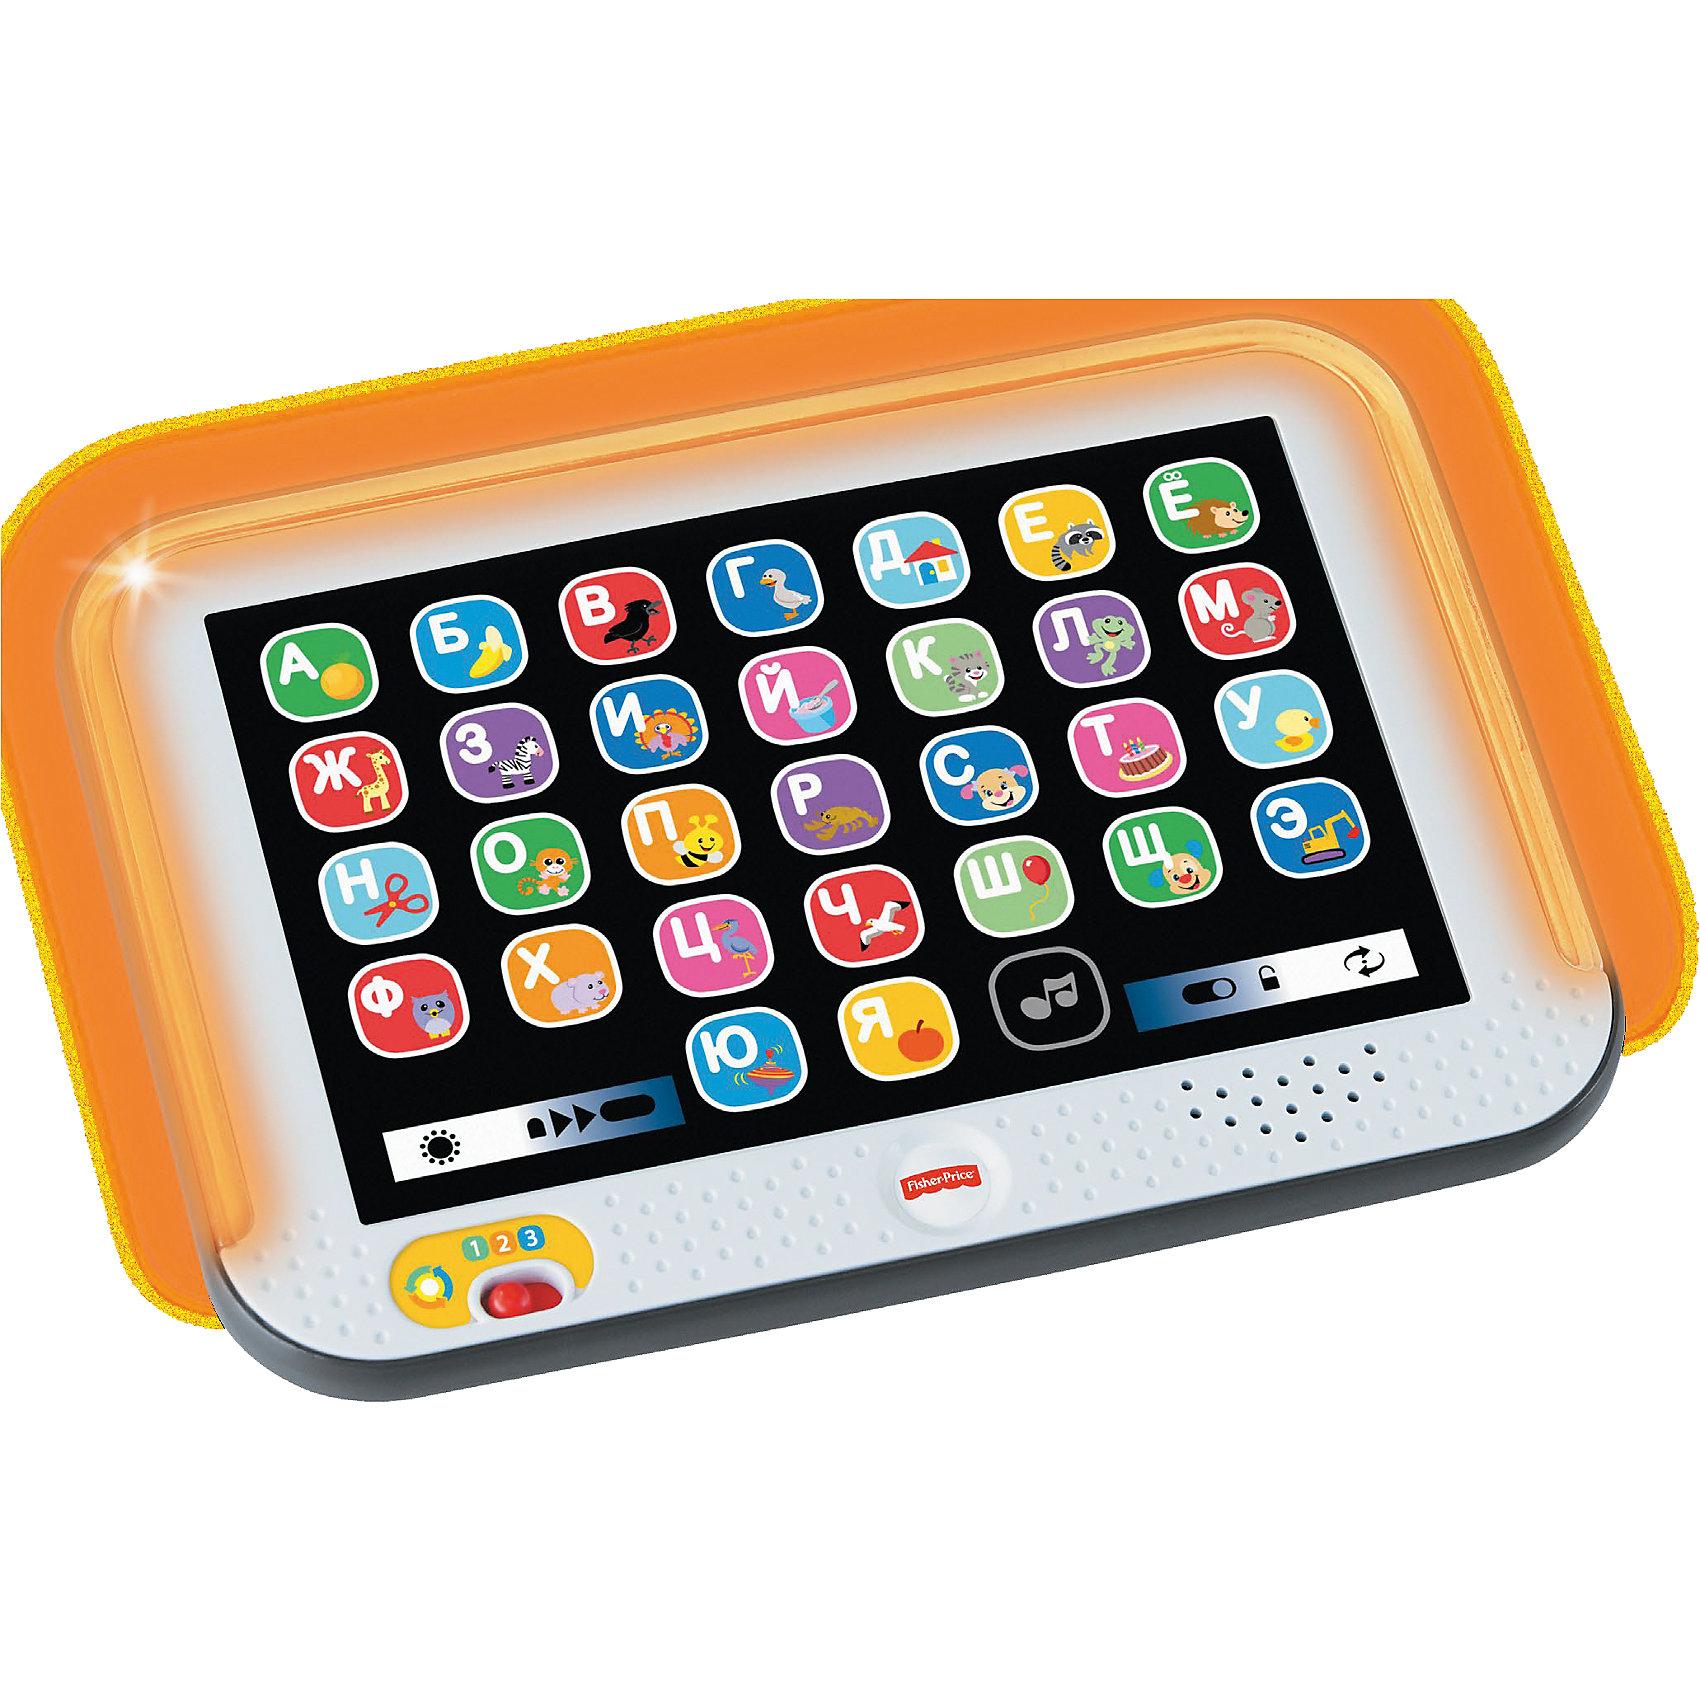 Обучающий планшет с технологией Smart Stages, Fisher PriceВ планшете - 3 режима, в каждом есть набор развивающих песенок и фраз, ориентированных на разный уровень развития малыша. В его распоряжении будет 28 кнопок, которые активируют песни и звуки. Программы помогают изучать алфавит, зверей и многое другое. В изделии есть и световые эффекты, которые помогут удержать внимание ребенка.<br><br>Дополнительная информация:<br><br>цвет: разноцветный;<br>материал: пластик;<br>возраст: от шести месяцев.<br>3 обучающих режима;<br>28 кнопок;<br>подсветка.<br><br>Обучающий планшет с технологией Smart Stages от Fisher Price можно купить в нашем магазине.<br><br>Ширина мм: 40<br>Глубина мм: 280<br>Высота мм: 205<br>Вес г: 409<br>Возраст от месяцев: 12<br>Возраст до месяцев: 36<br>Пол: Унисекс<br>Возраст: Детский<br>SKU: 4899979